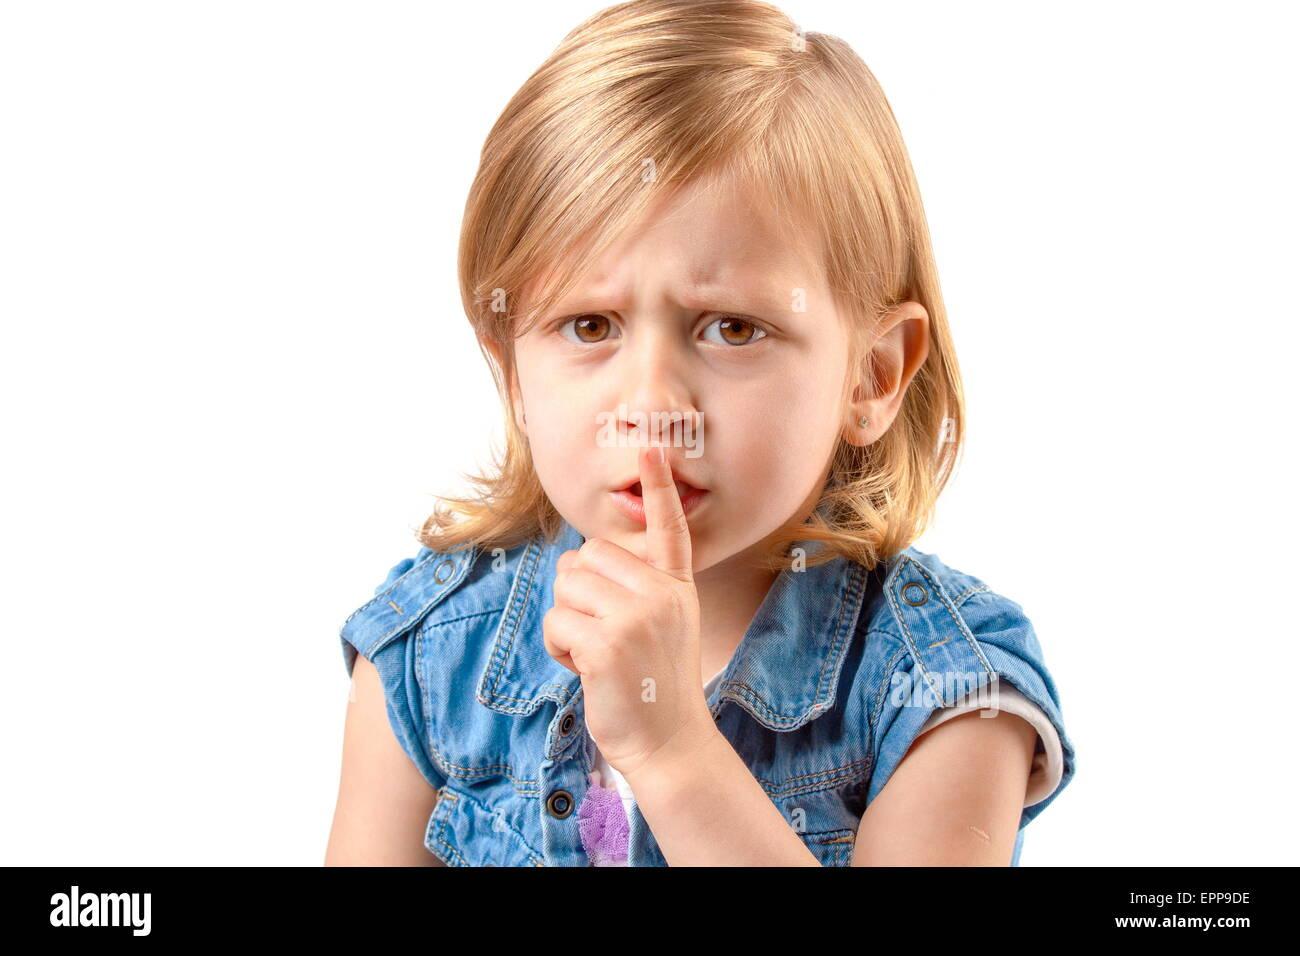 Portrait of little girl making hush sign - Stock Image